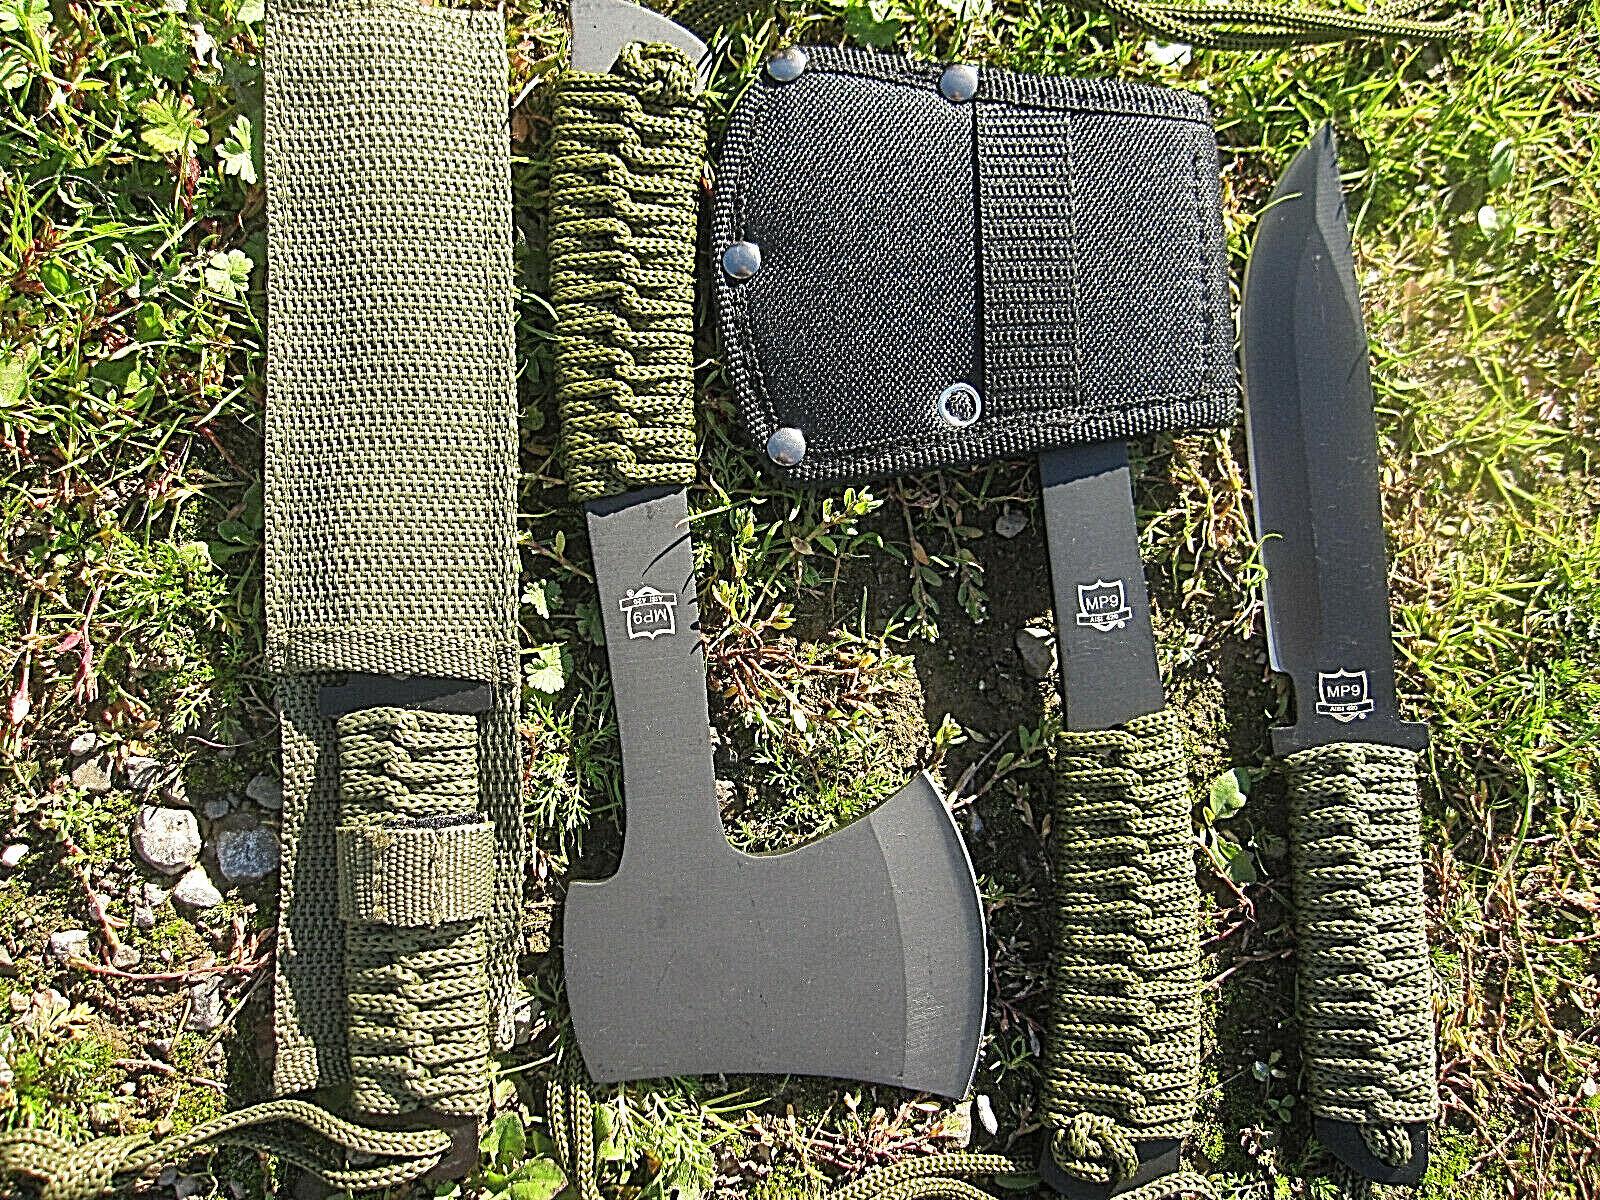 2 in 1 Beil mit Messer Gürtelmesser Outdoorset Axt Paracord Survival BW Camping